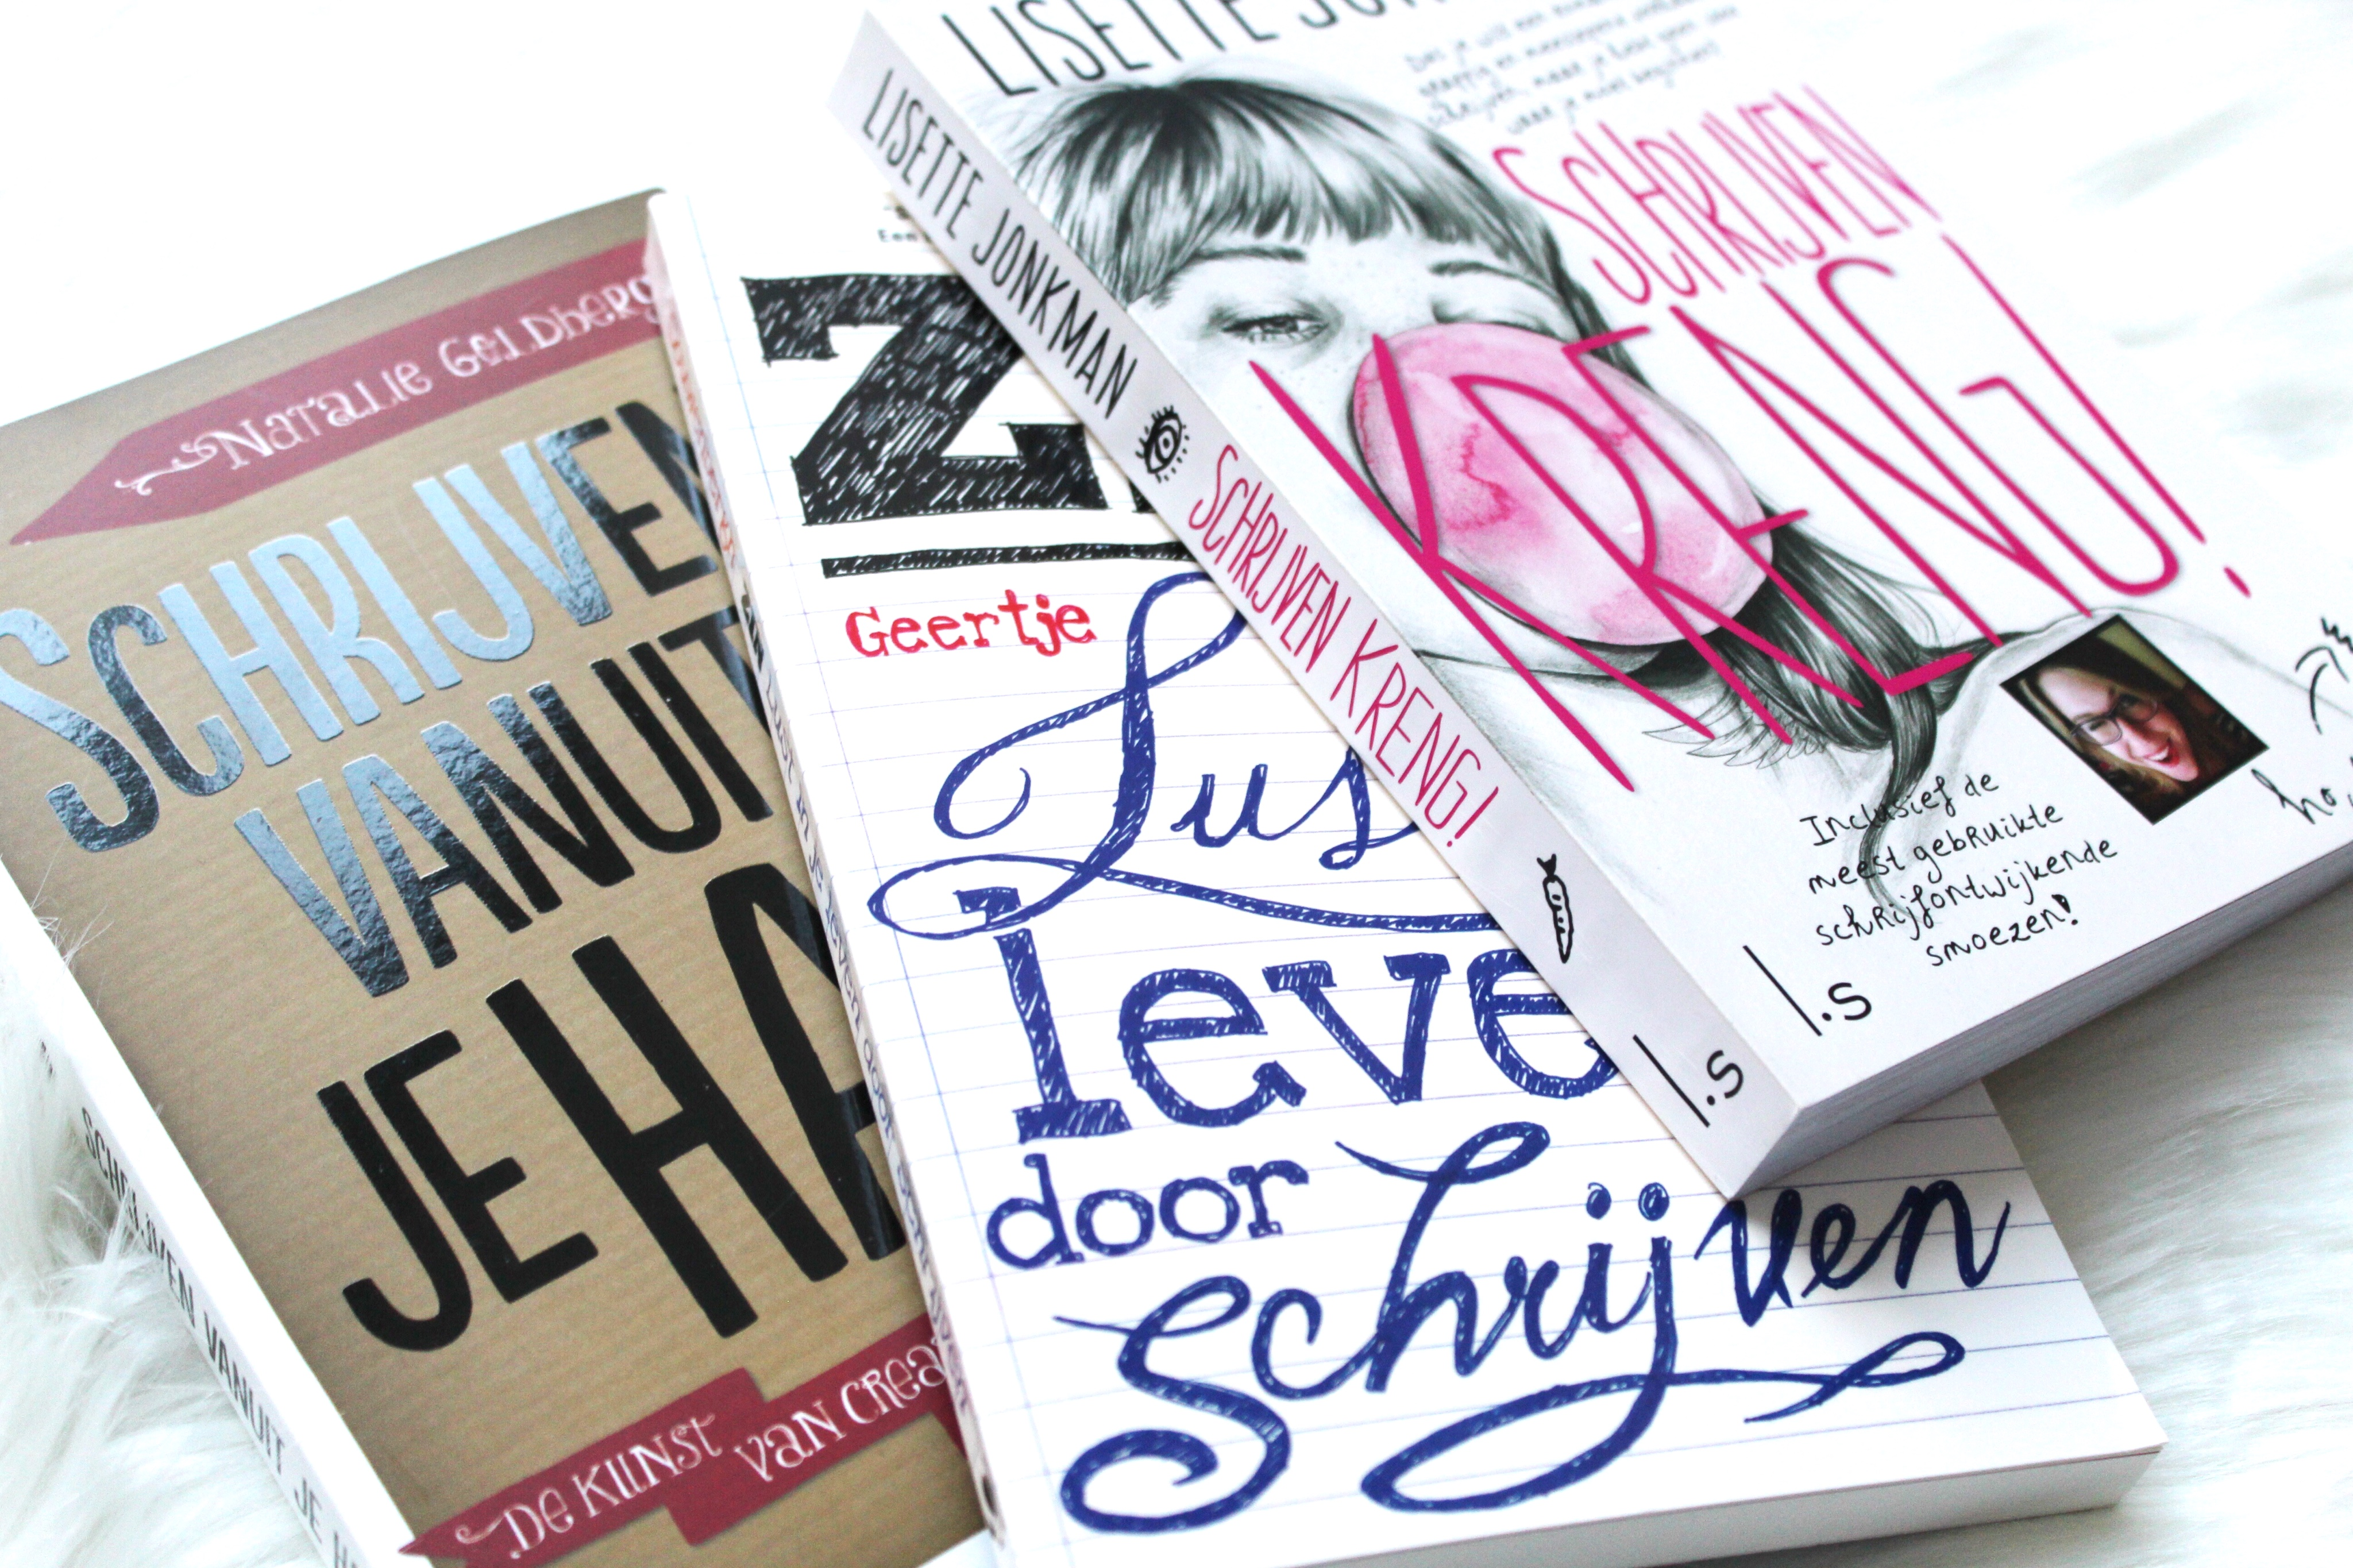 Geliefde 3 boeken voor hulp bij creatief schrijven - Save the Mama @KV24